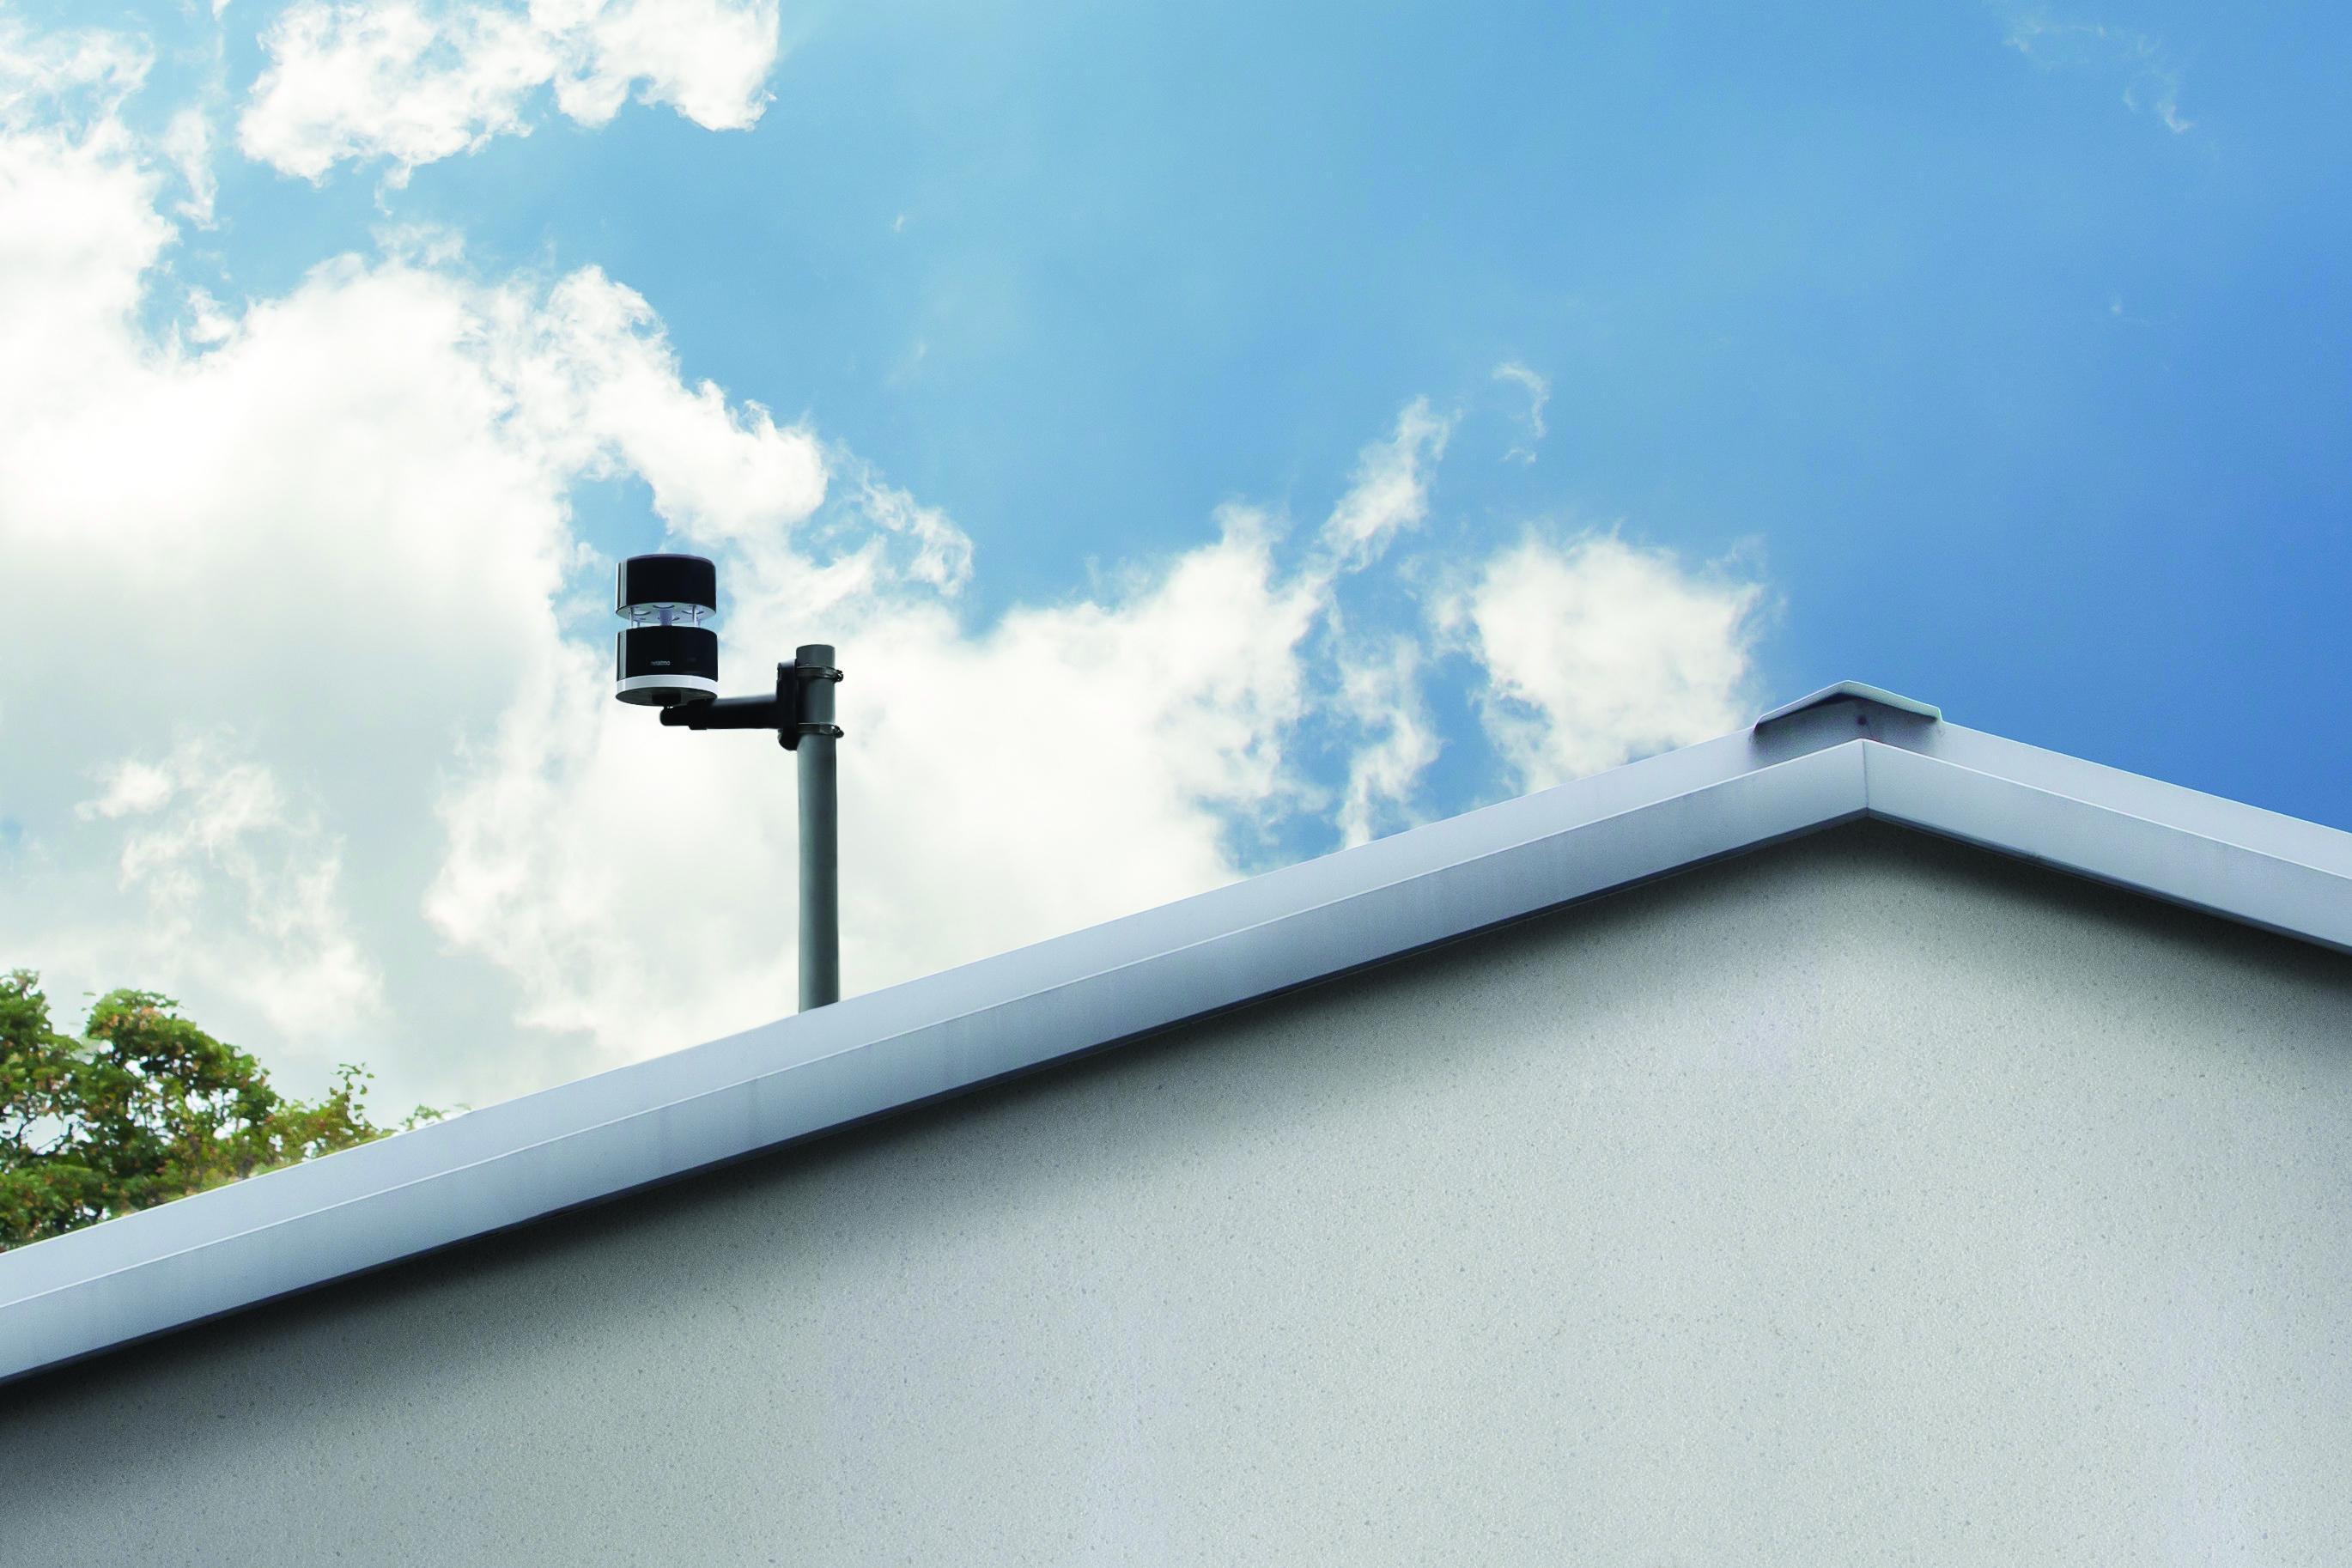 meteo station wind gauge netatmo. Black Bedroom Furniture Sets. Home Design Ideas